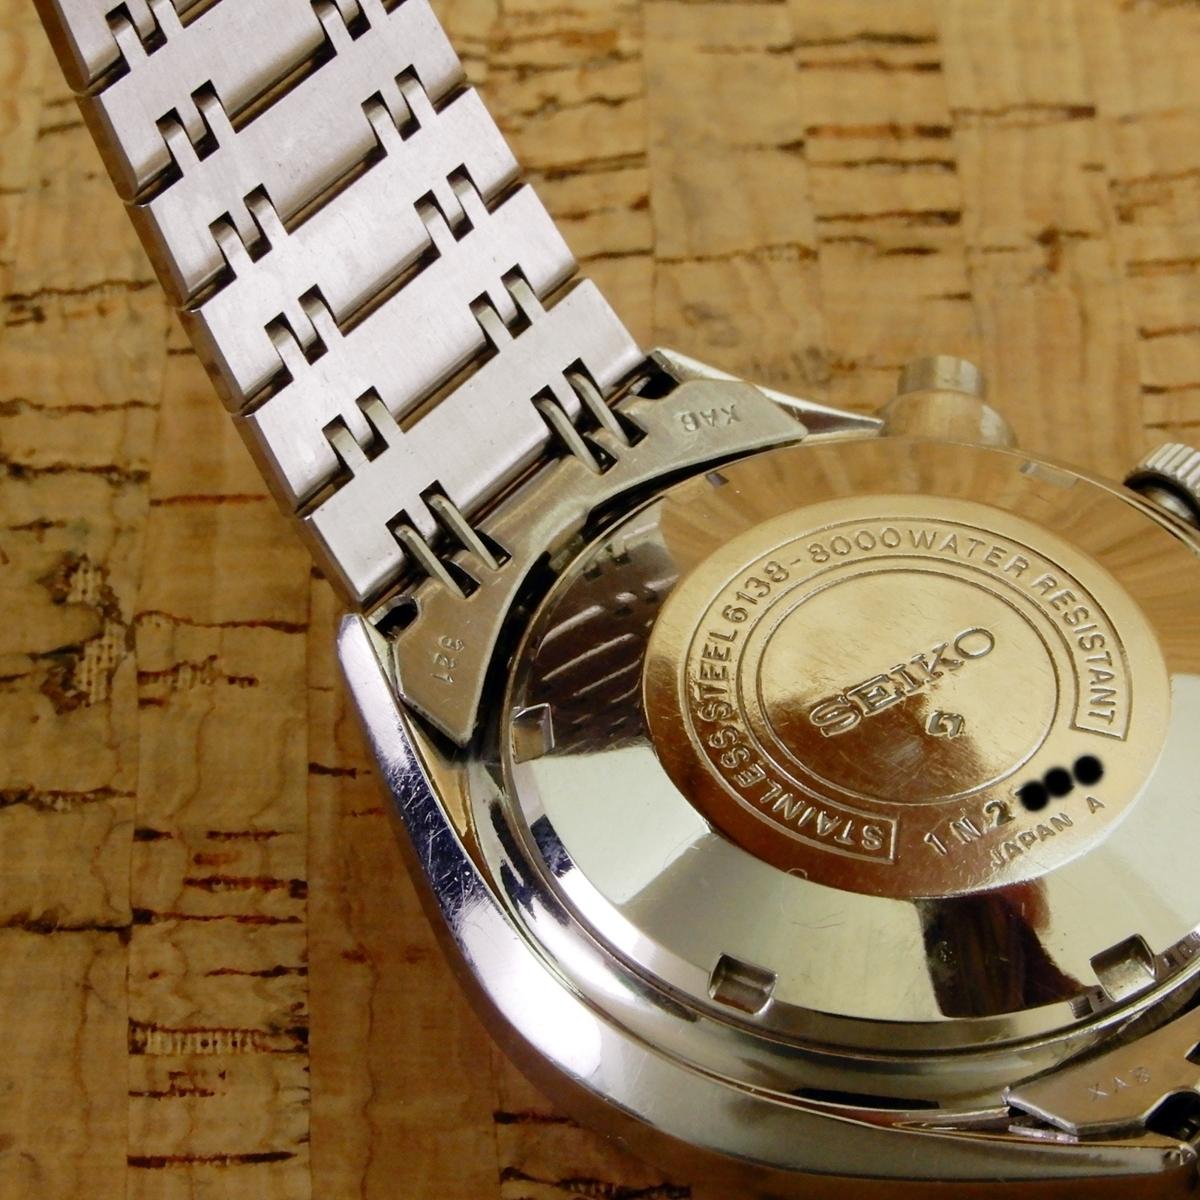 [ベビーパンダ/BabyPanda] Seiko Chronograph 6138-8000 SS AT/セイコークロノグラフ 61CHW 自動巻/2種目盛タキメーター 1971年_画像9